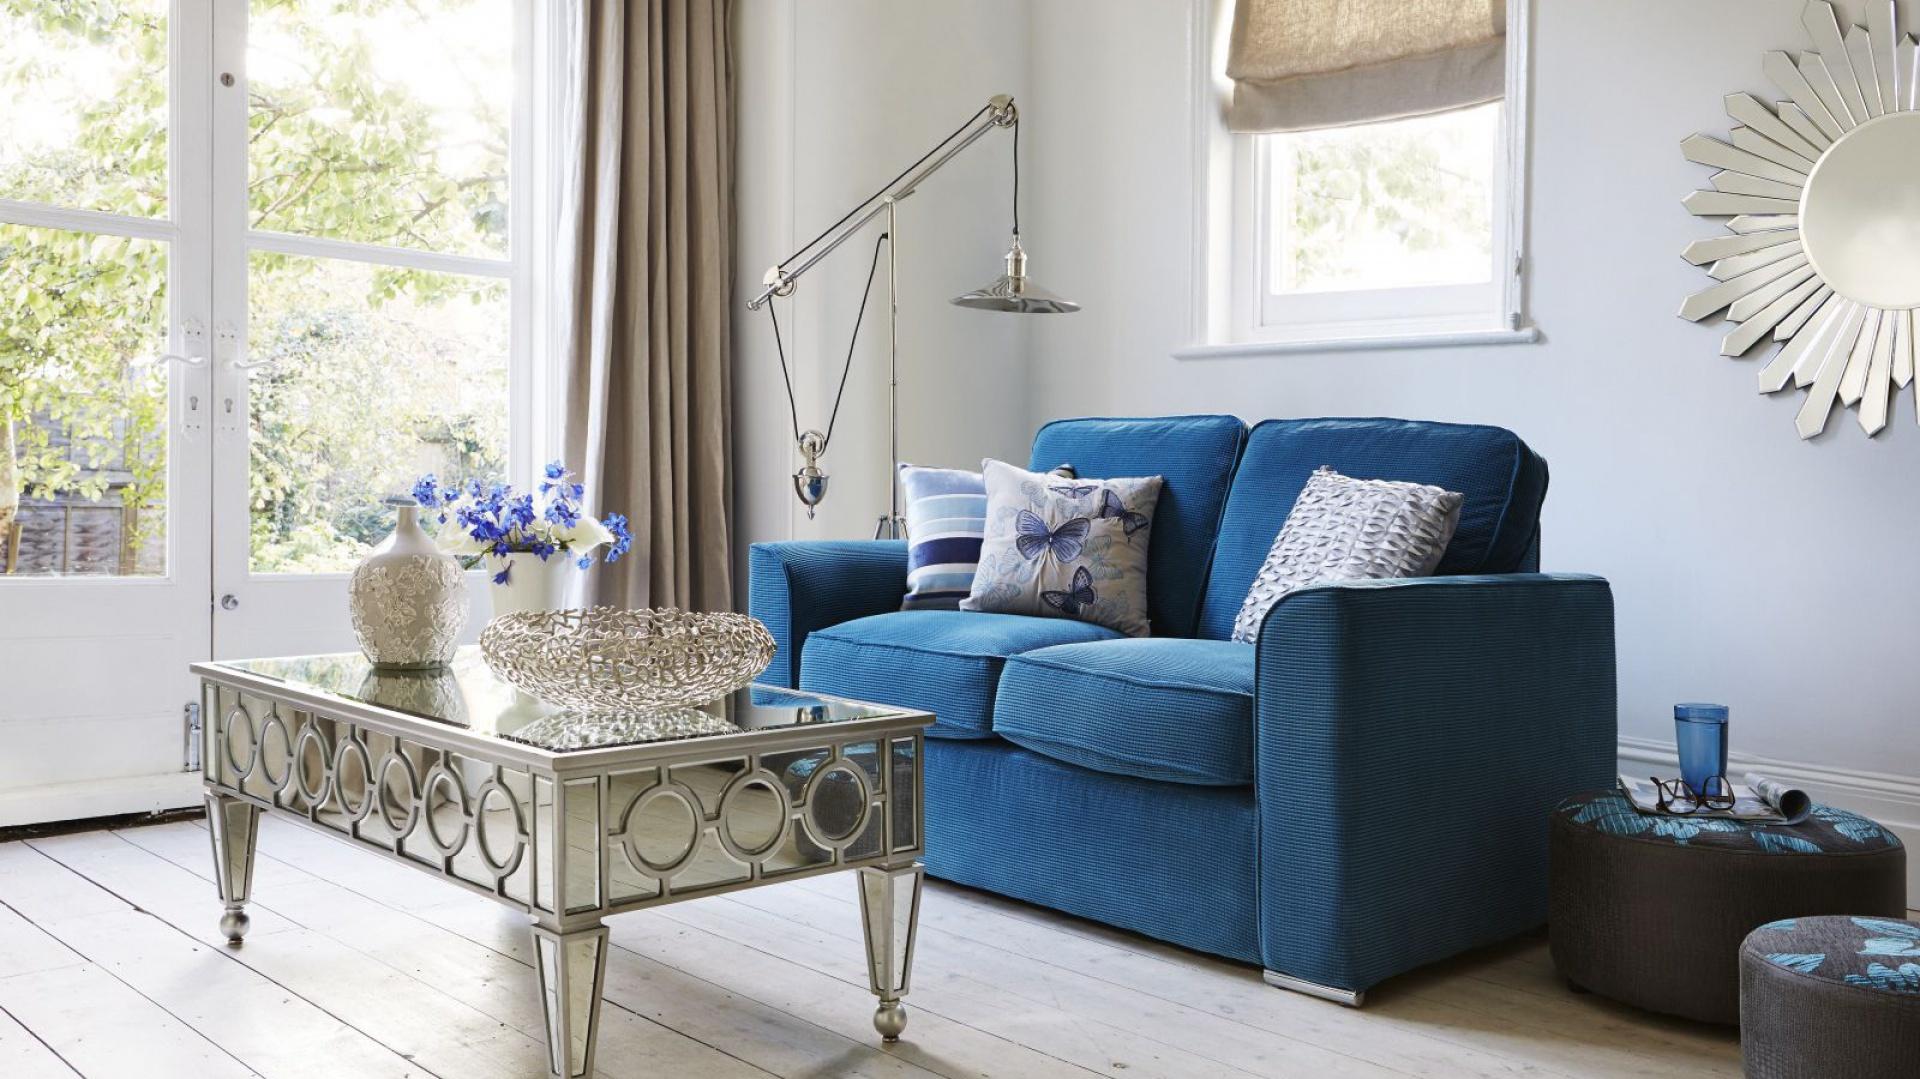 Jasne poduszki rozłożone na klasycznej kanapie mogą nadać jej lekkości. Fot. Furniture Village.